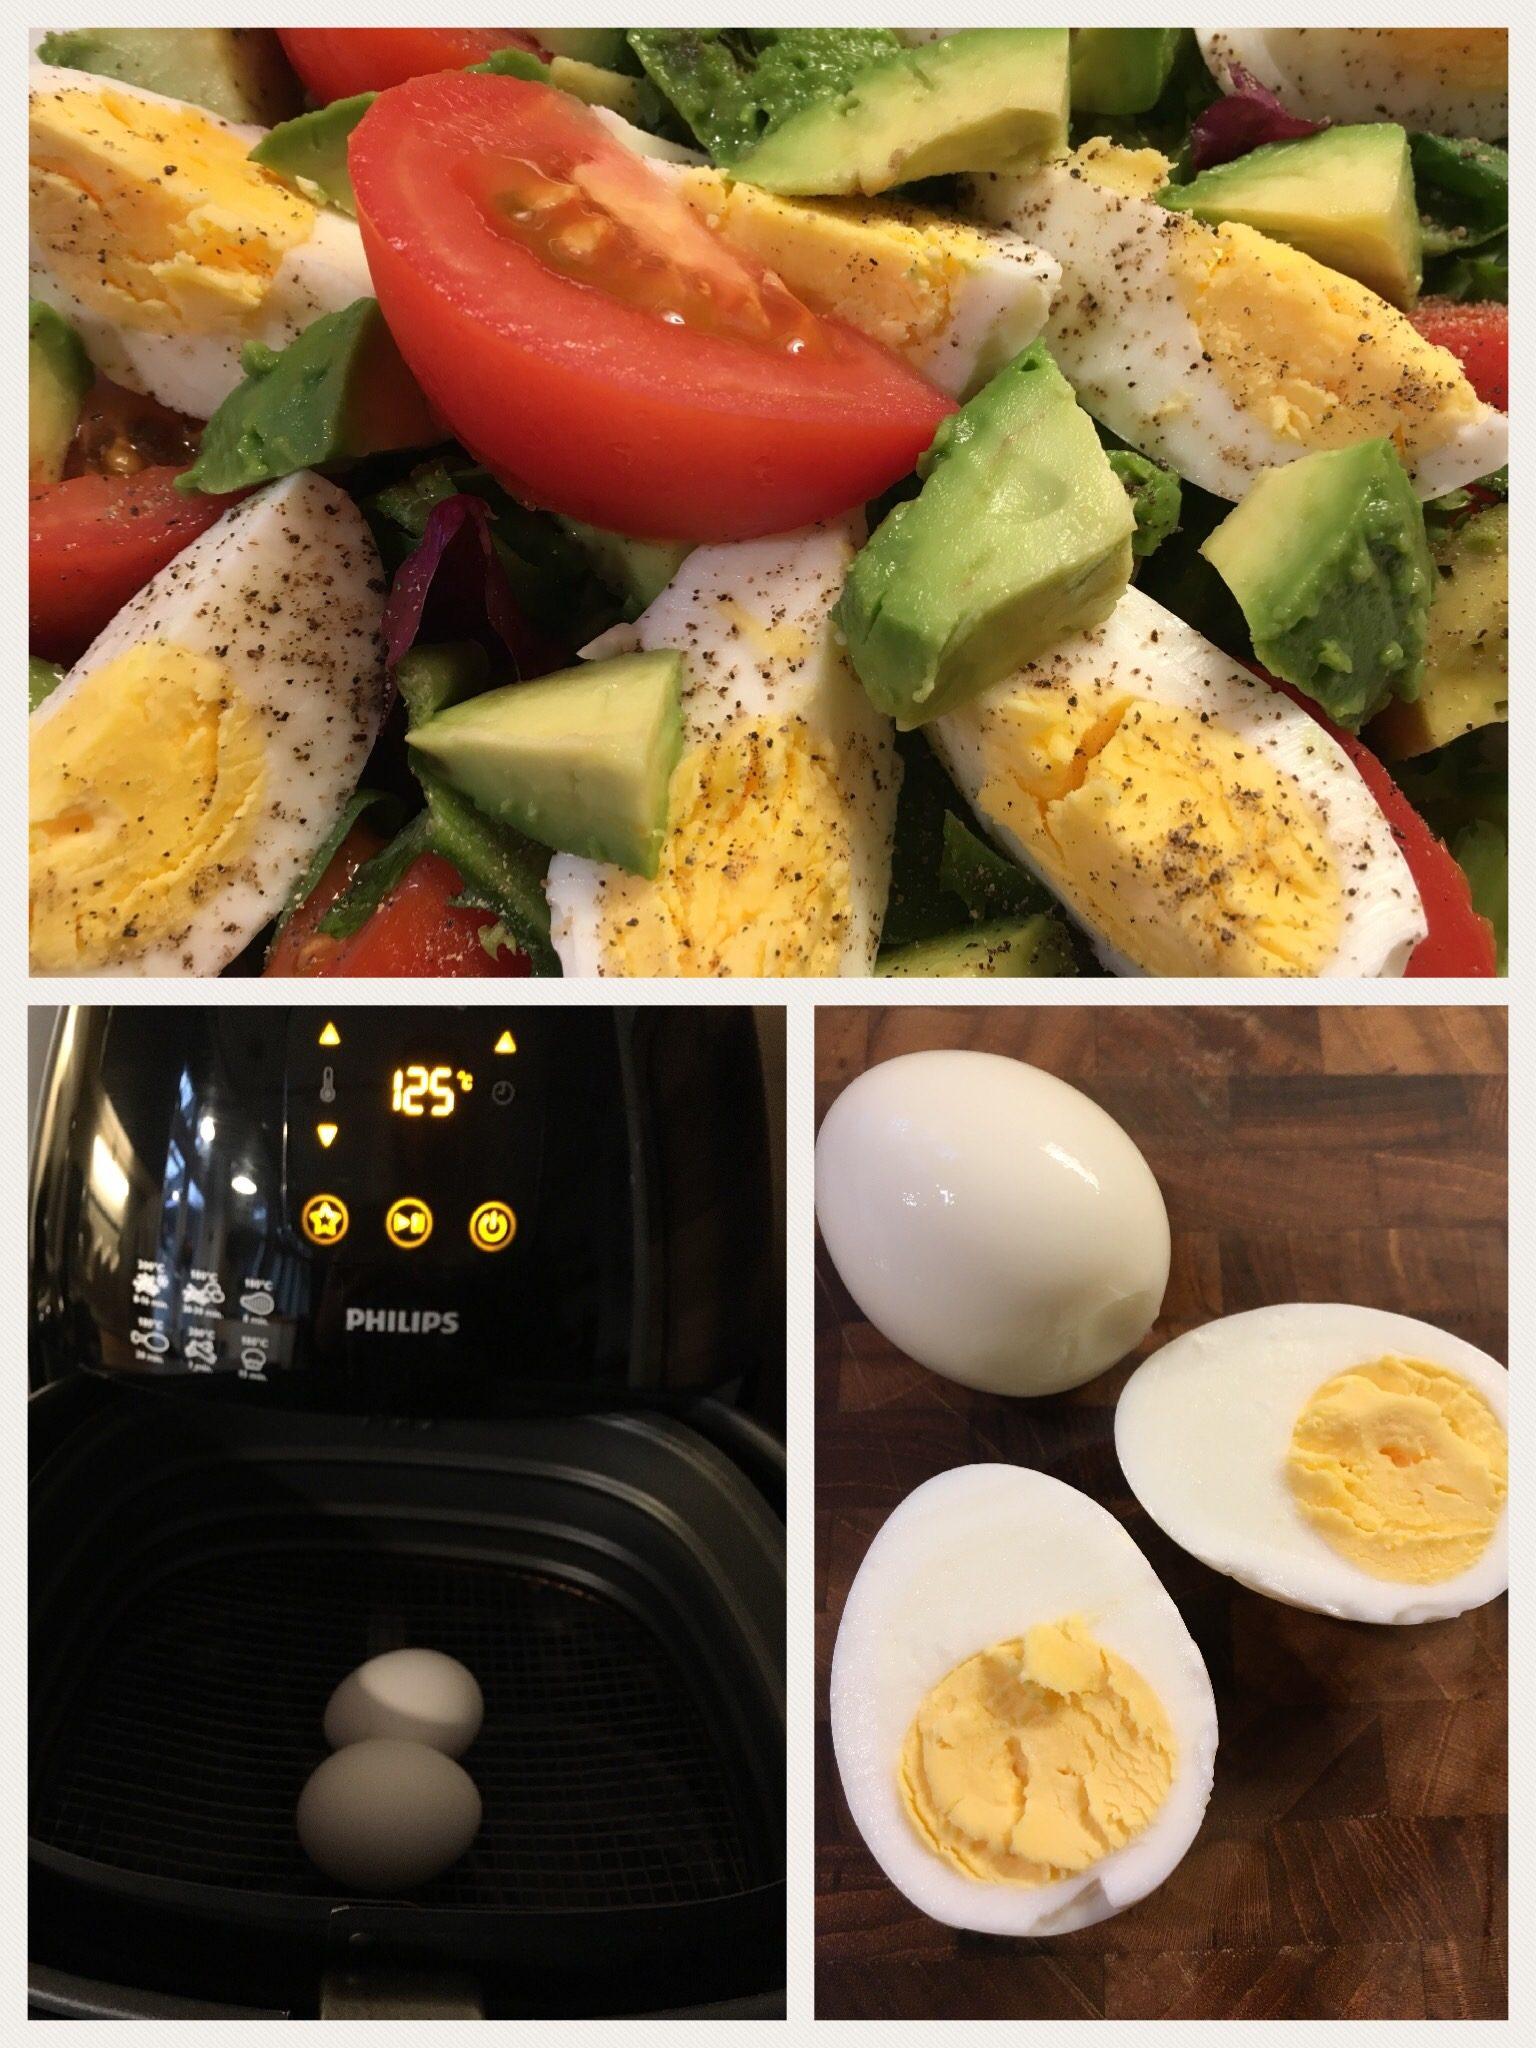 Hårdkogte æg